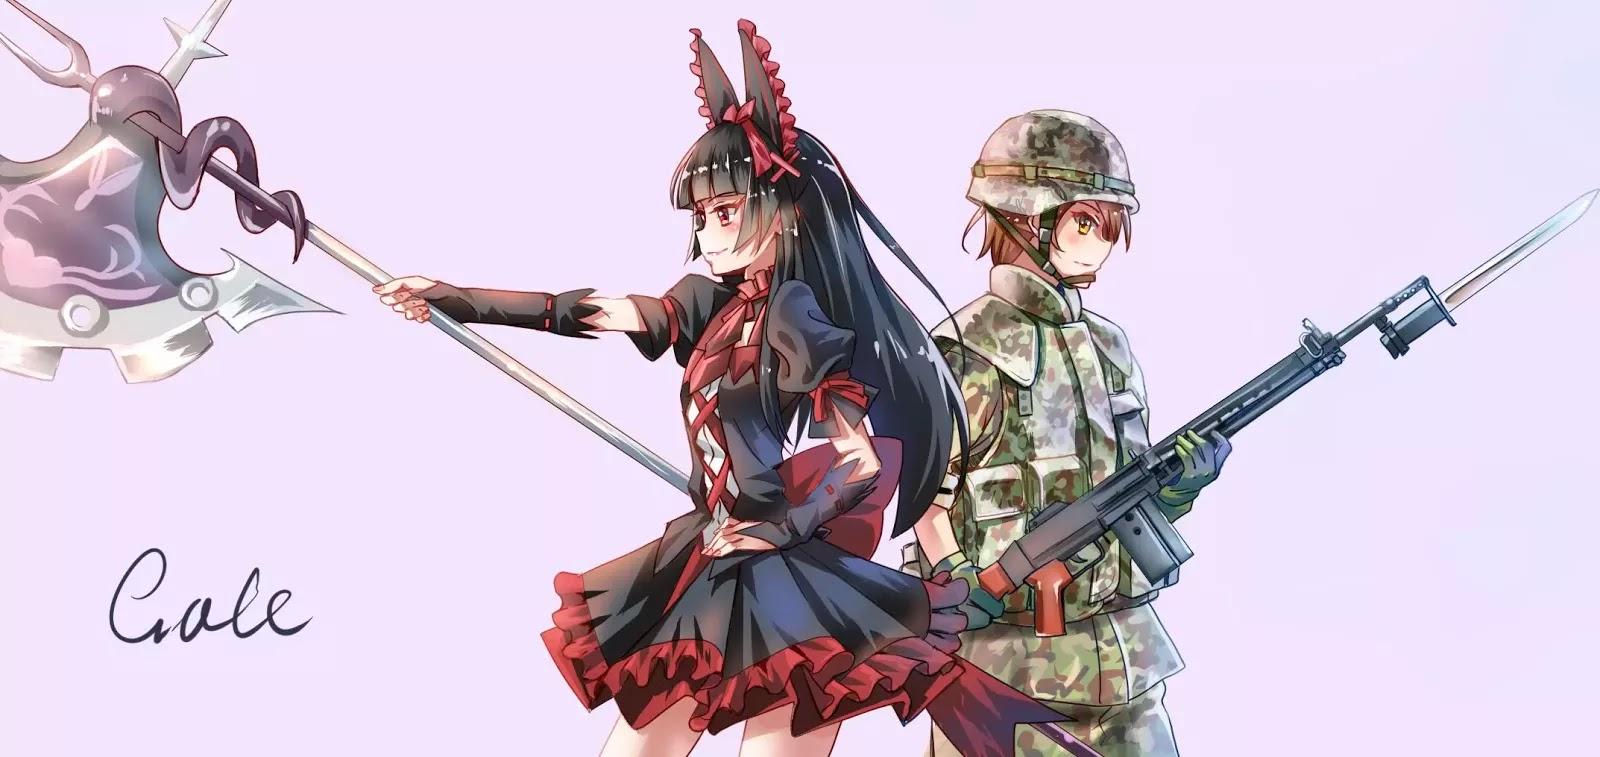 AowVN%2B%252833%2529 - [ Hình Nền ] Loli cực đẹp , cực độc Full HD | Anime Wallpaper